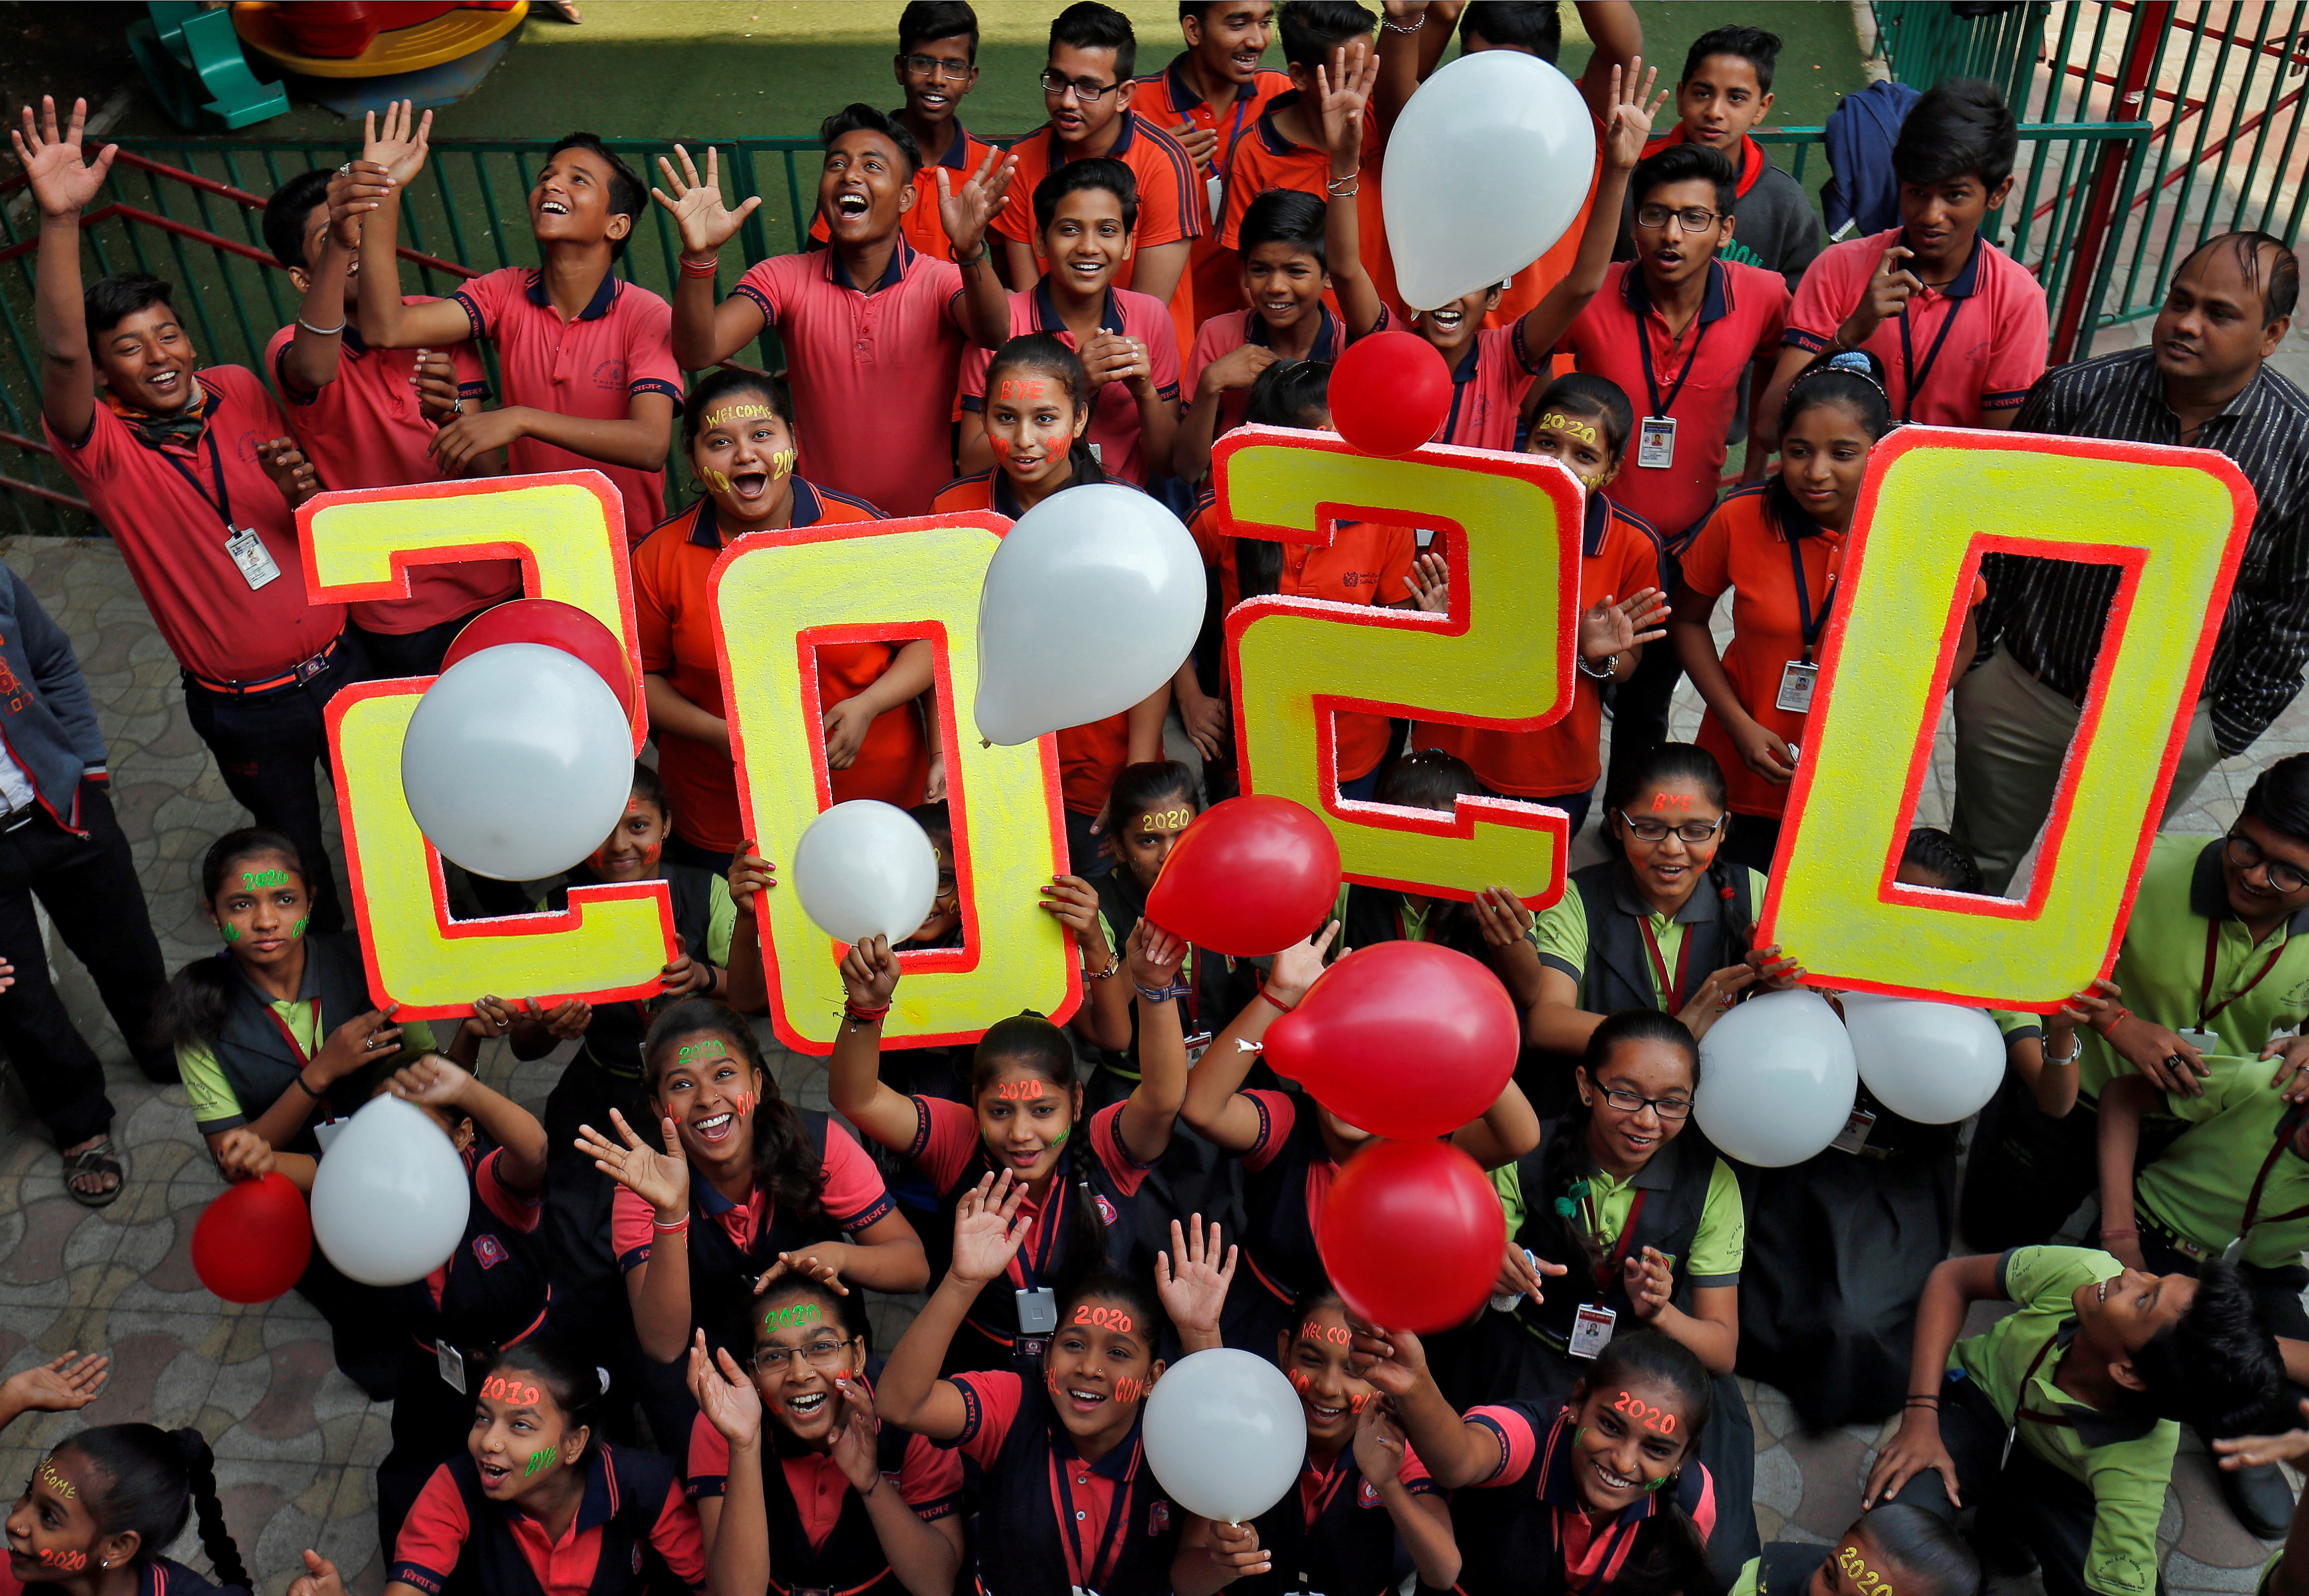 Alumnos de una escuela de Ahmedabad, India, celebran la llegad adel 2020.